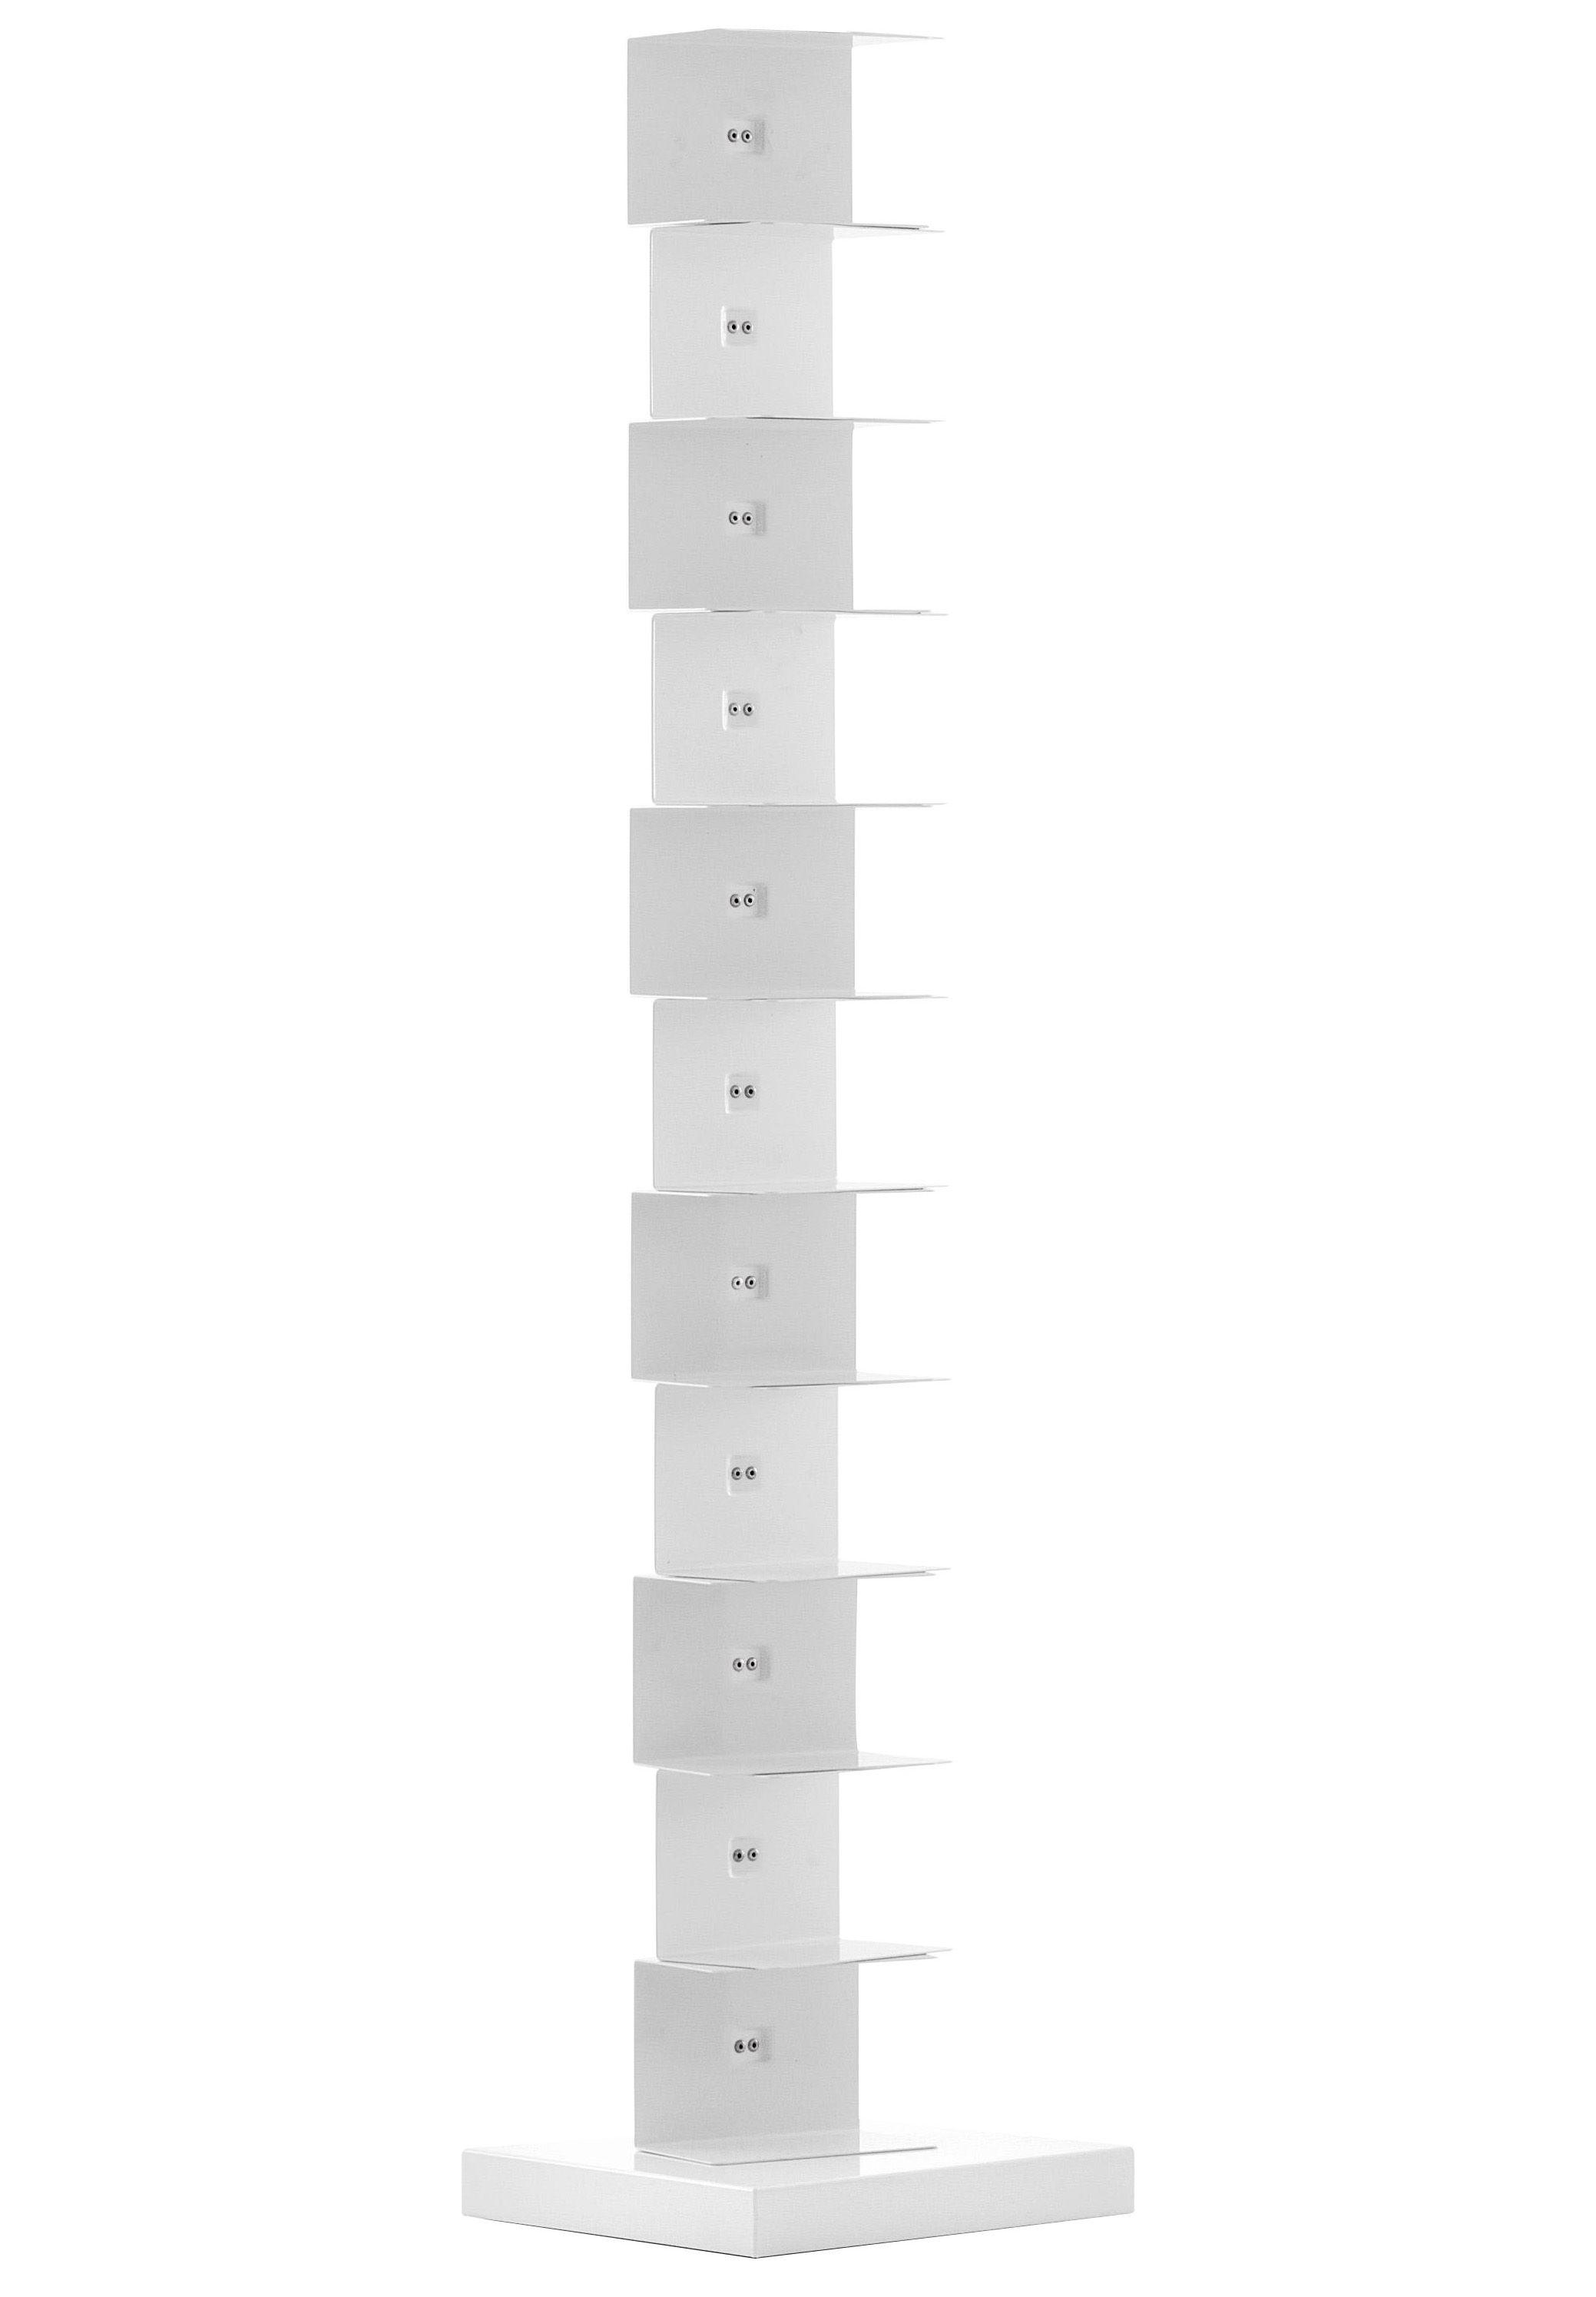 Möbel - Regale und Bücherregale - Ptolomeo Bücherregal 1-seitig - H 160 cm - Opinion Ciatti - H 160 cm - Weiß - lackierter Stahl